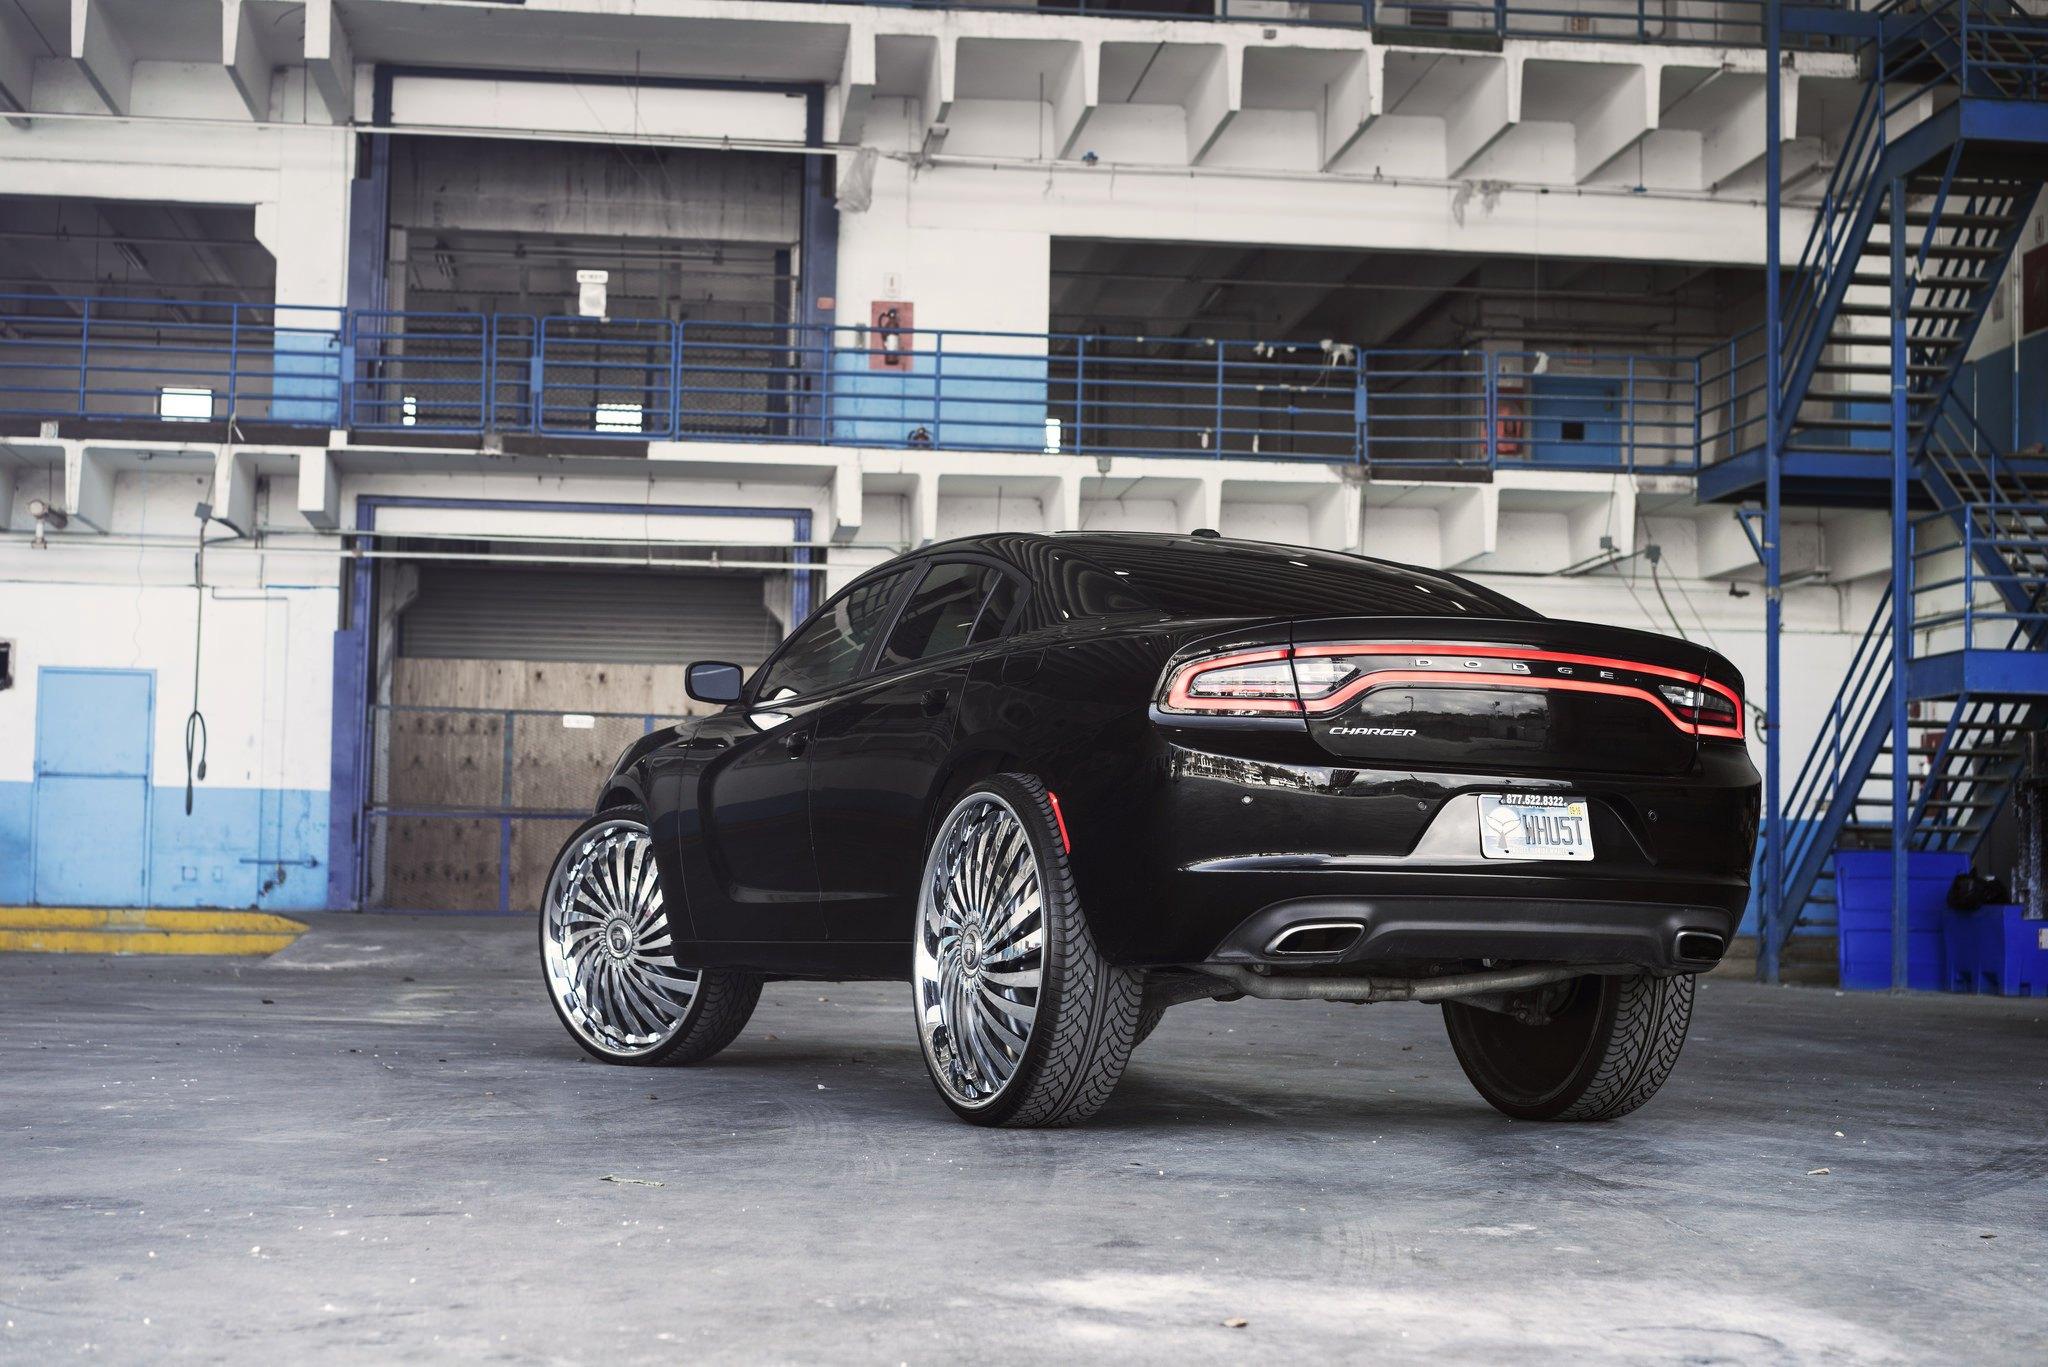 Mean Black Dodge Charger On Huge Aftermarket Wheels  U2014 Carid Com Gallery